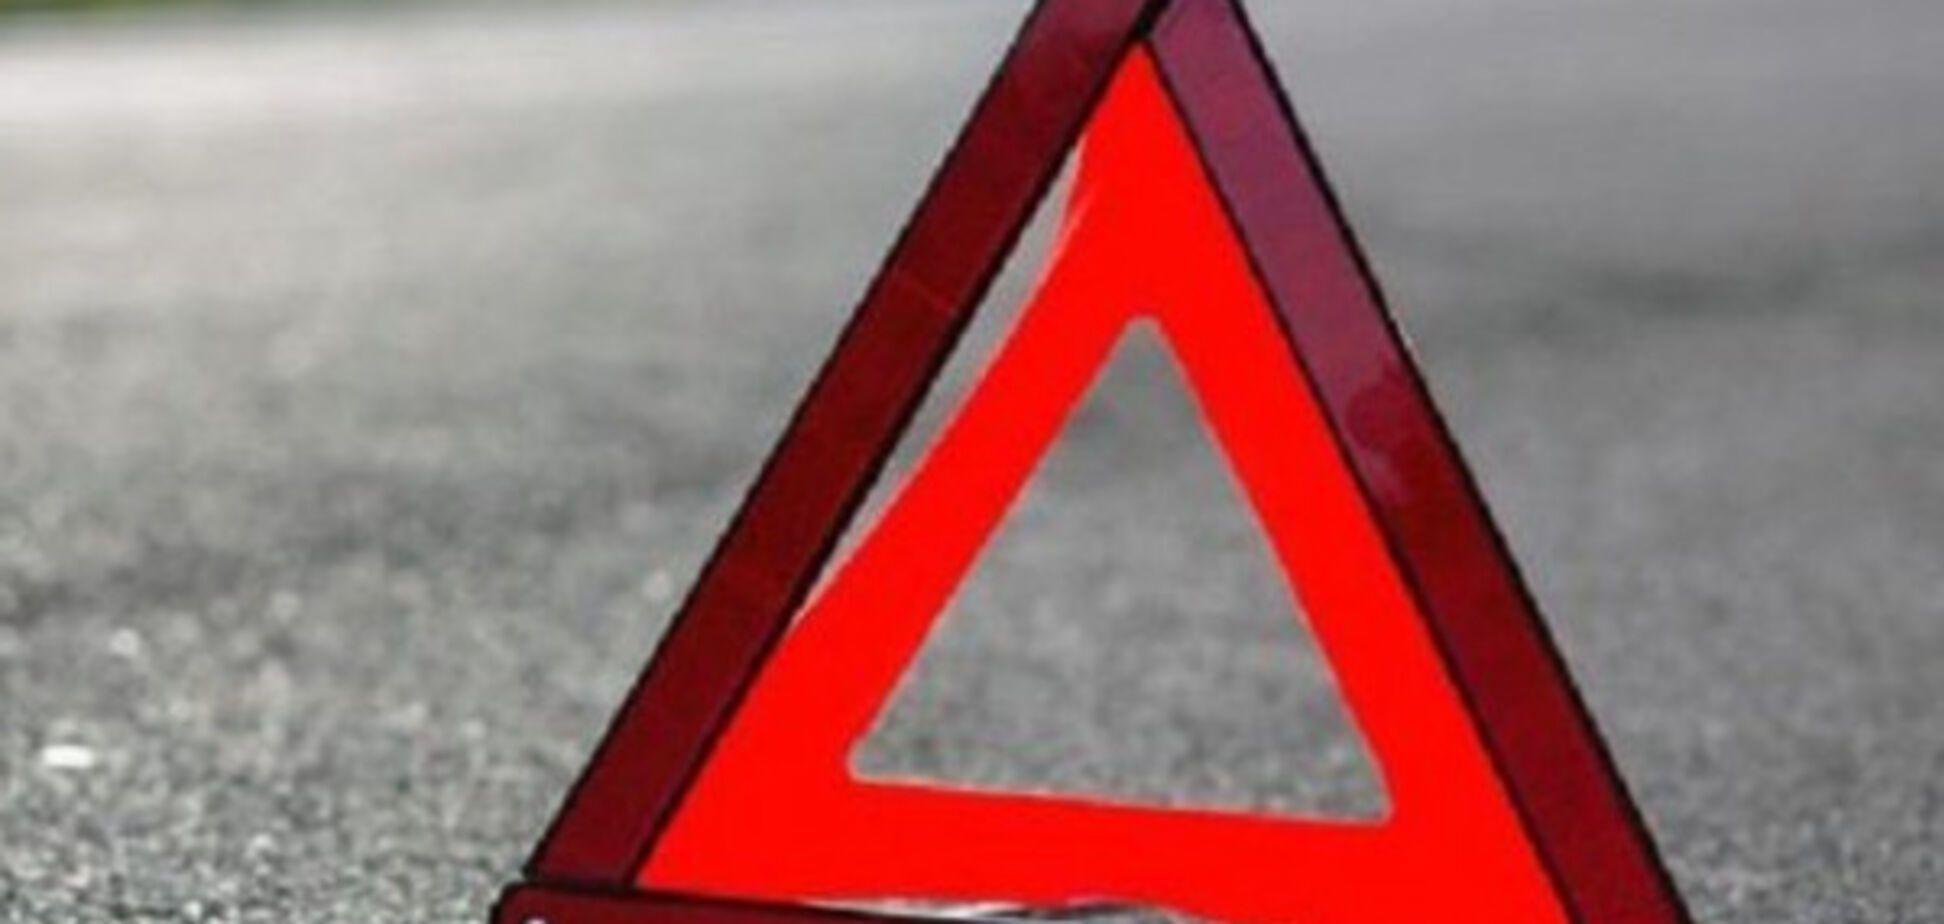 Страшное ДТП с жертвами в области: водителя зажало в разбитом авто (ФОТО)